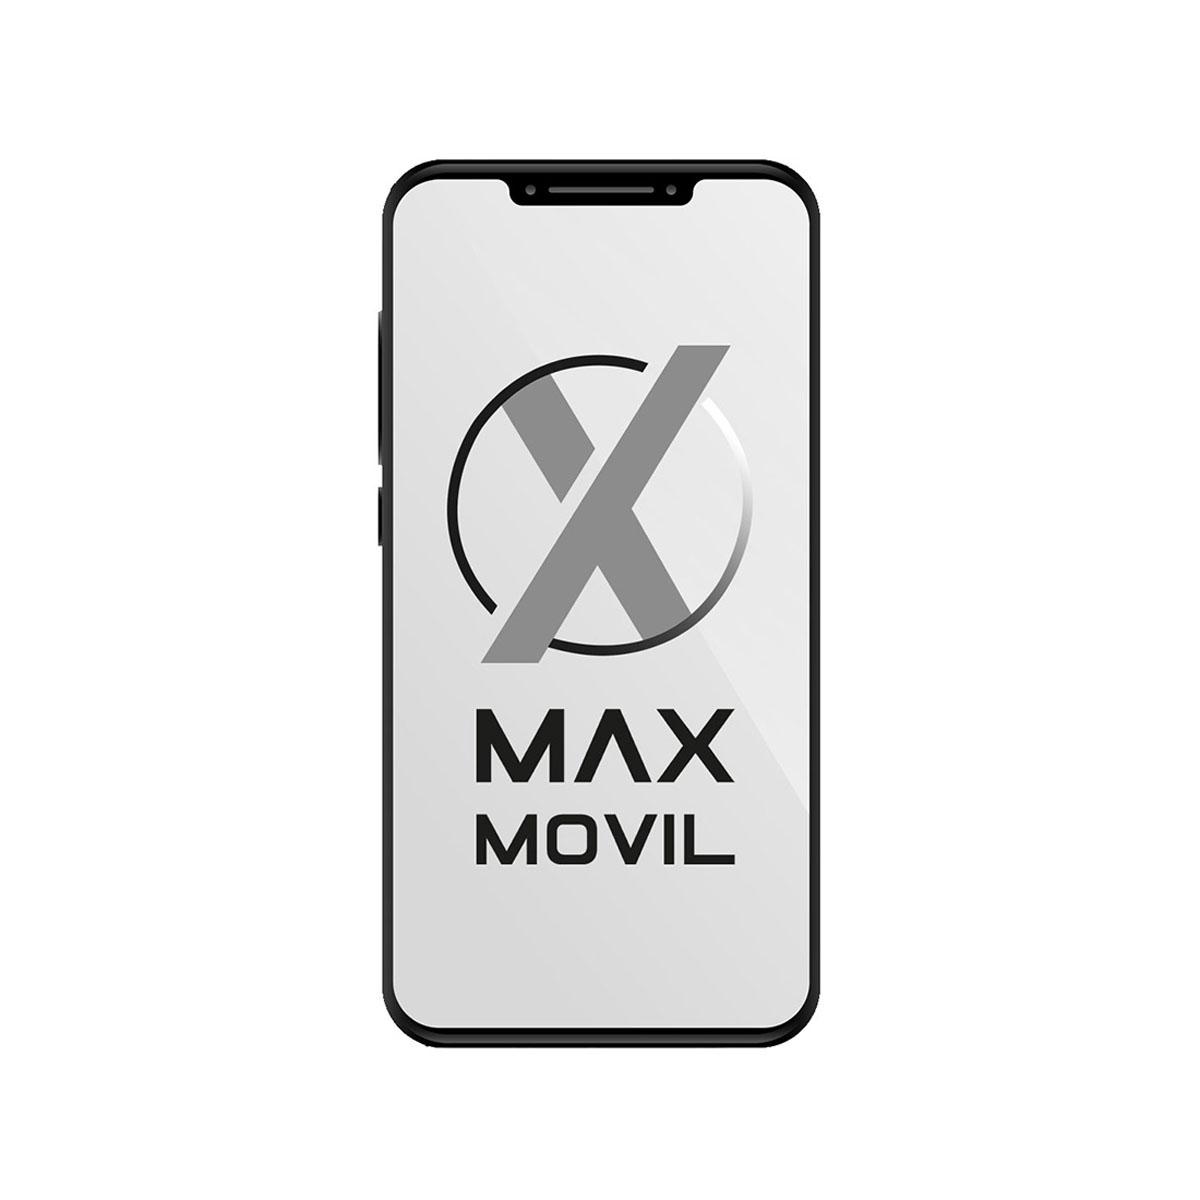 8378e5a4cf8 Comprar Samsung Galaxy J5 (2017) Azul libre · MaxMovil ⓴⓳